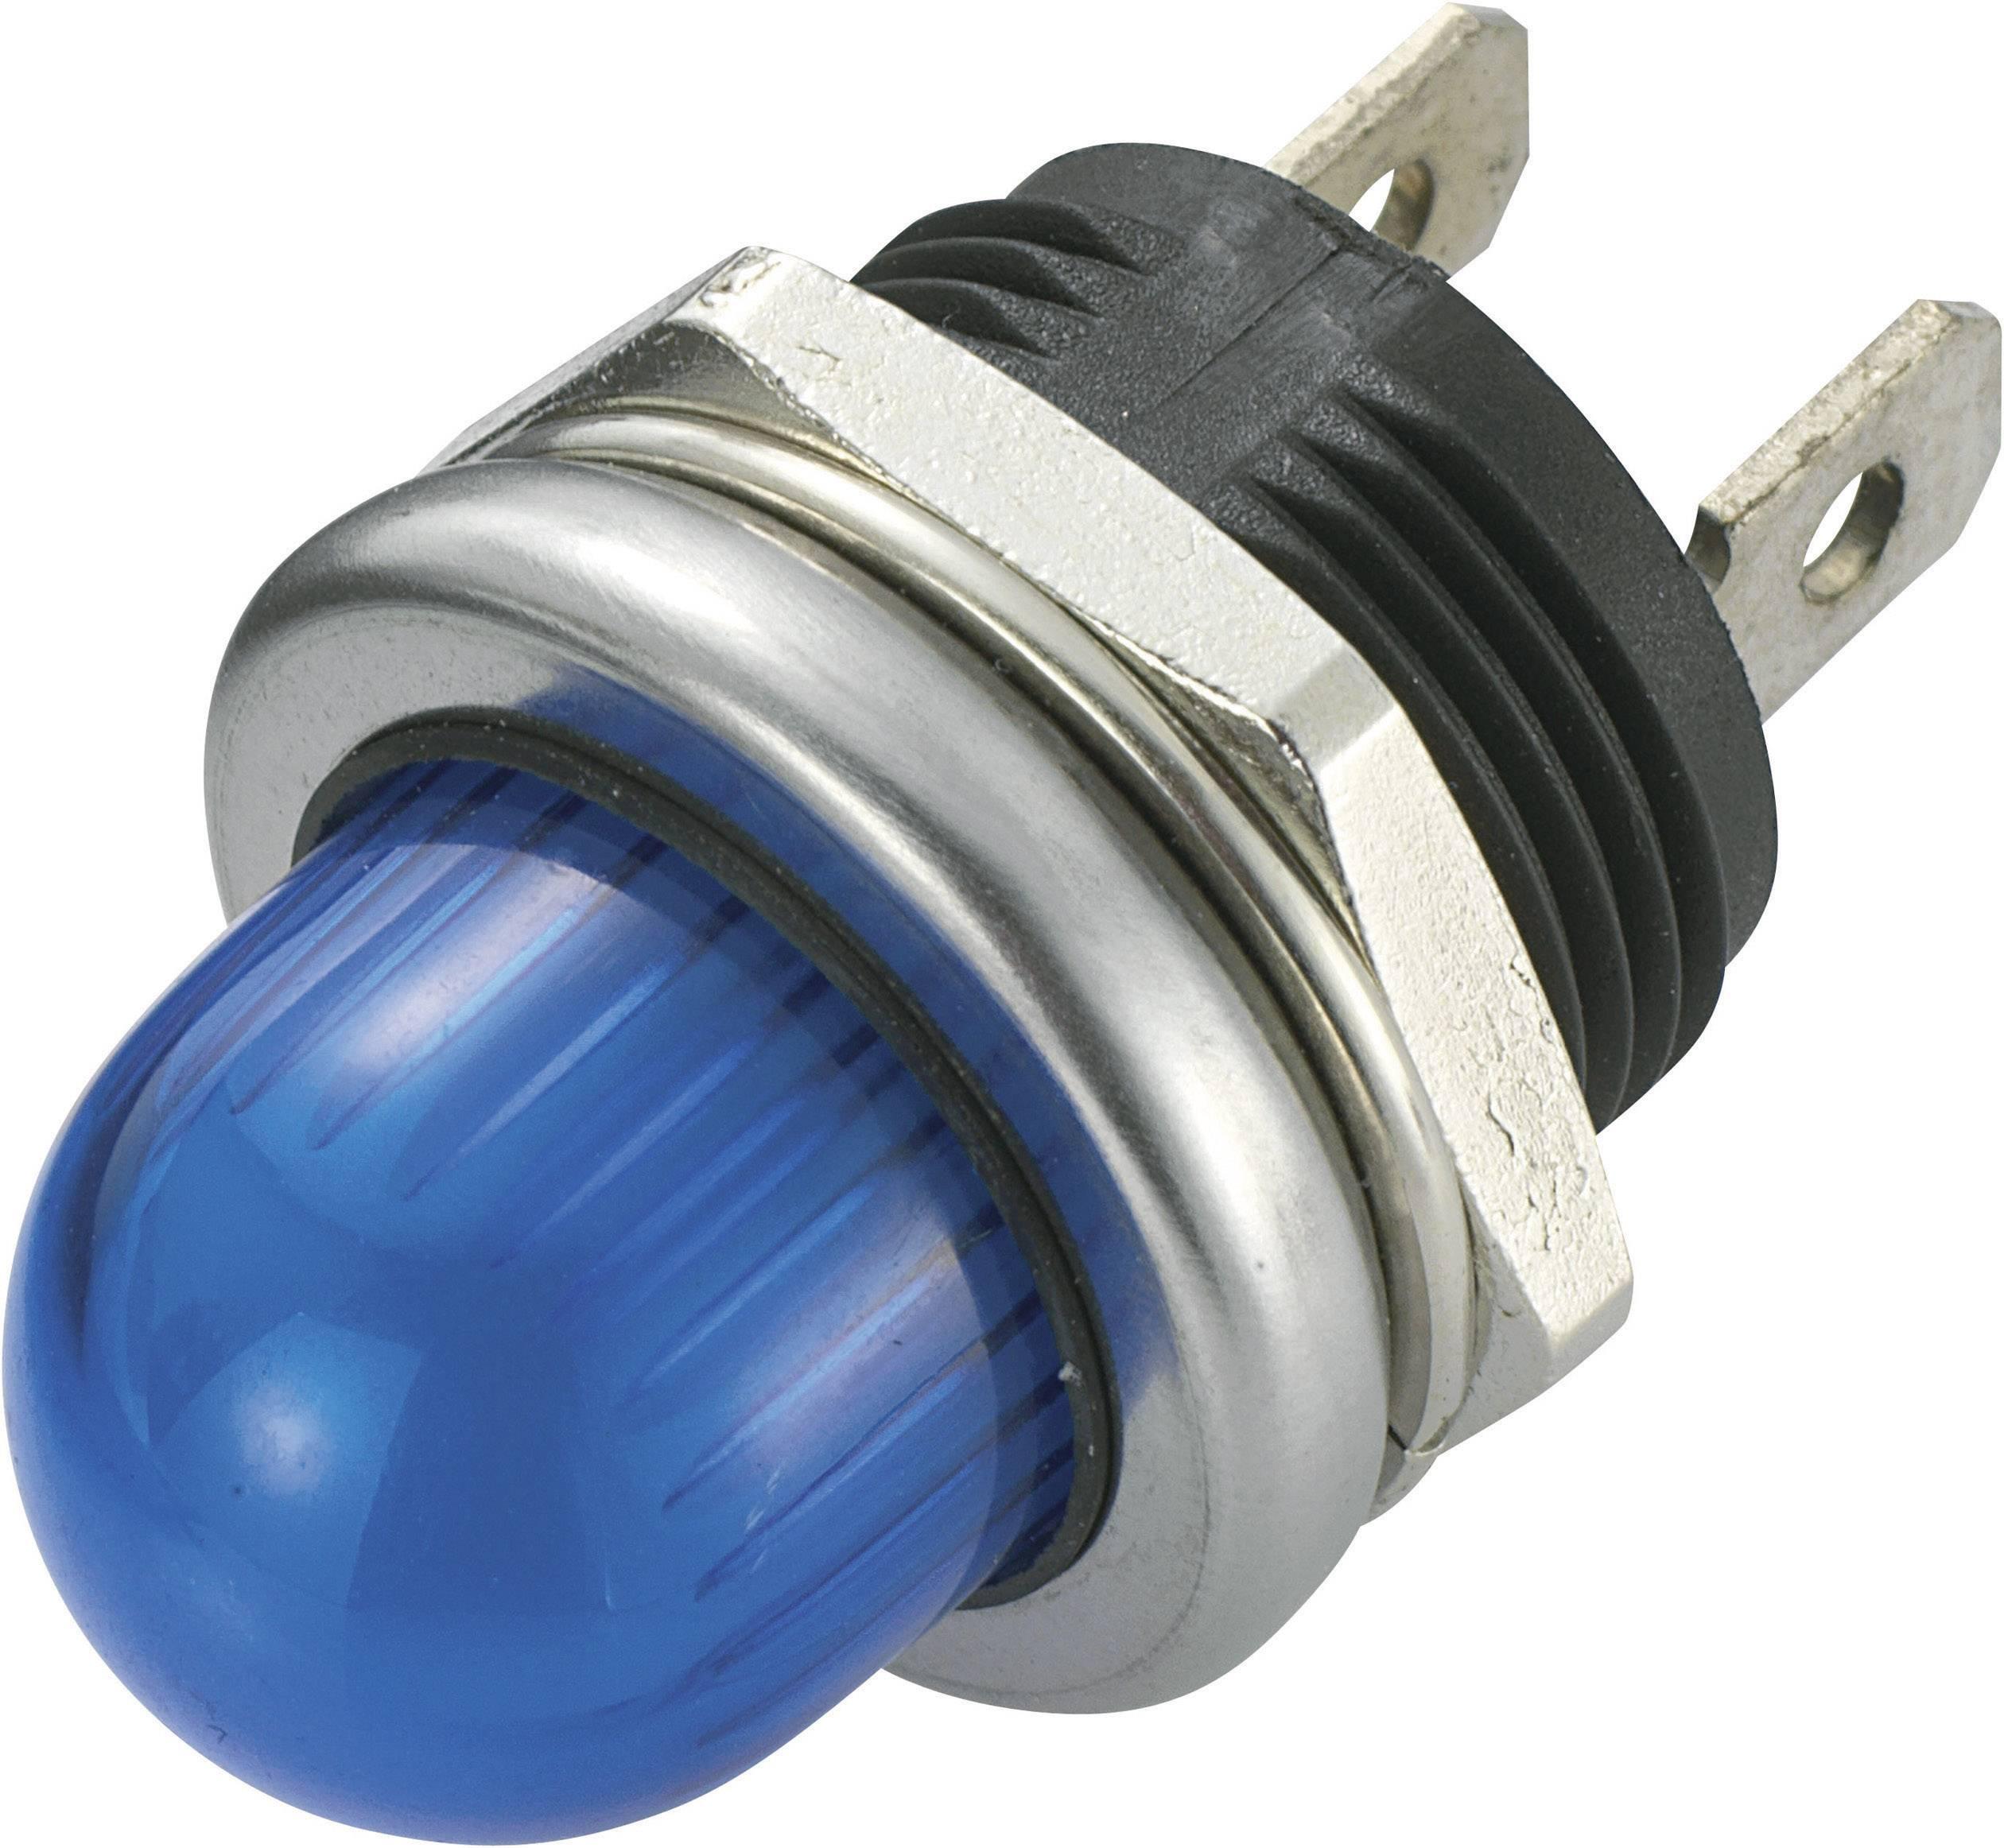 IndikačnéLED SCI R9-105L1-02-WUU4, 12 V/DC, modrá